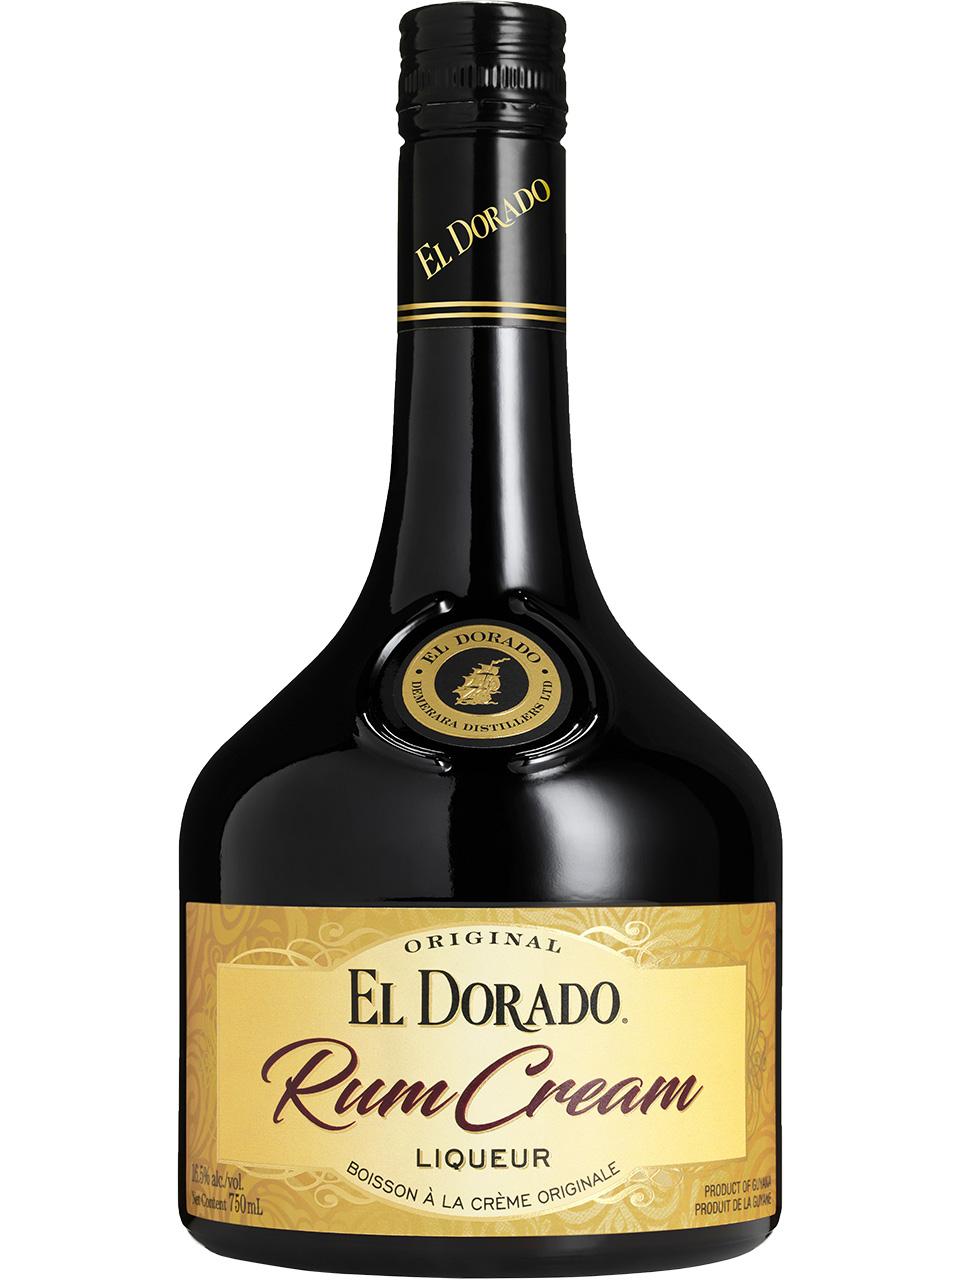 El Dorado Rum Cream Liqueur